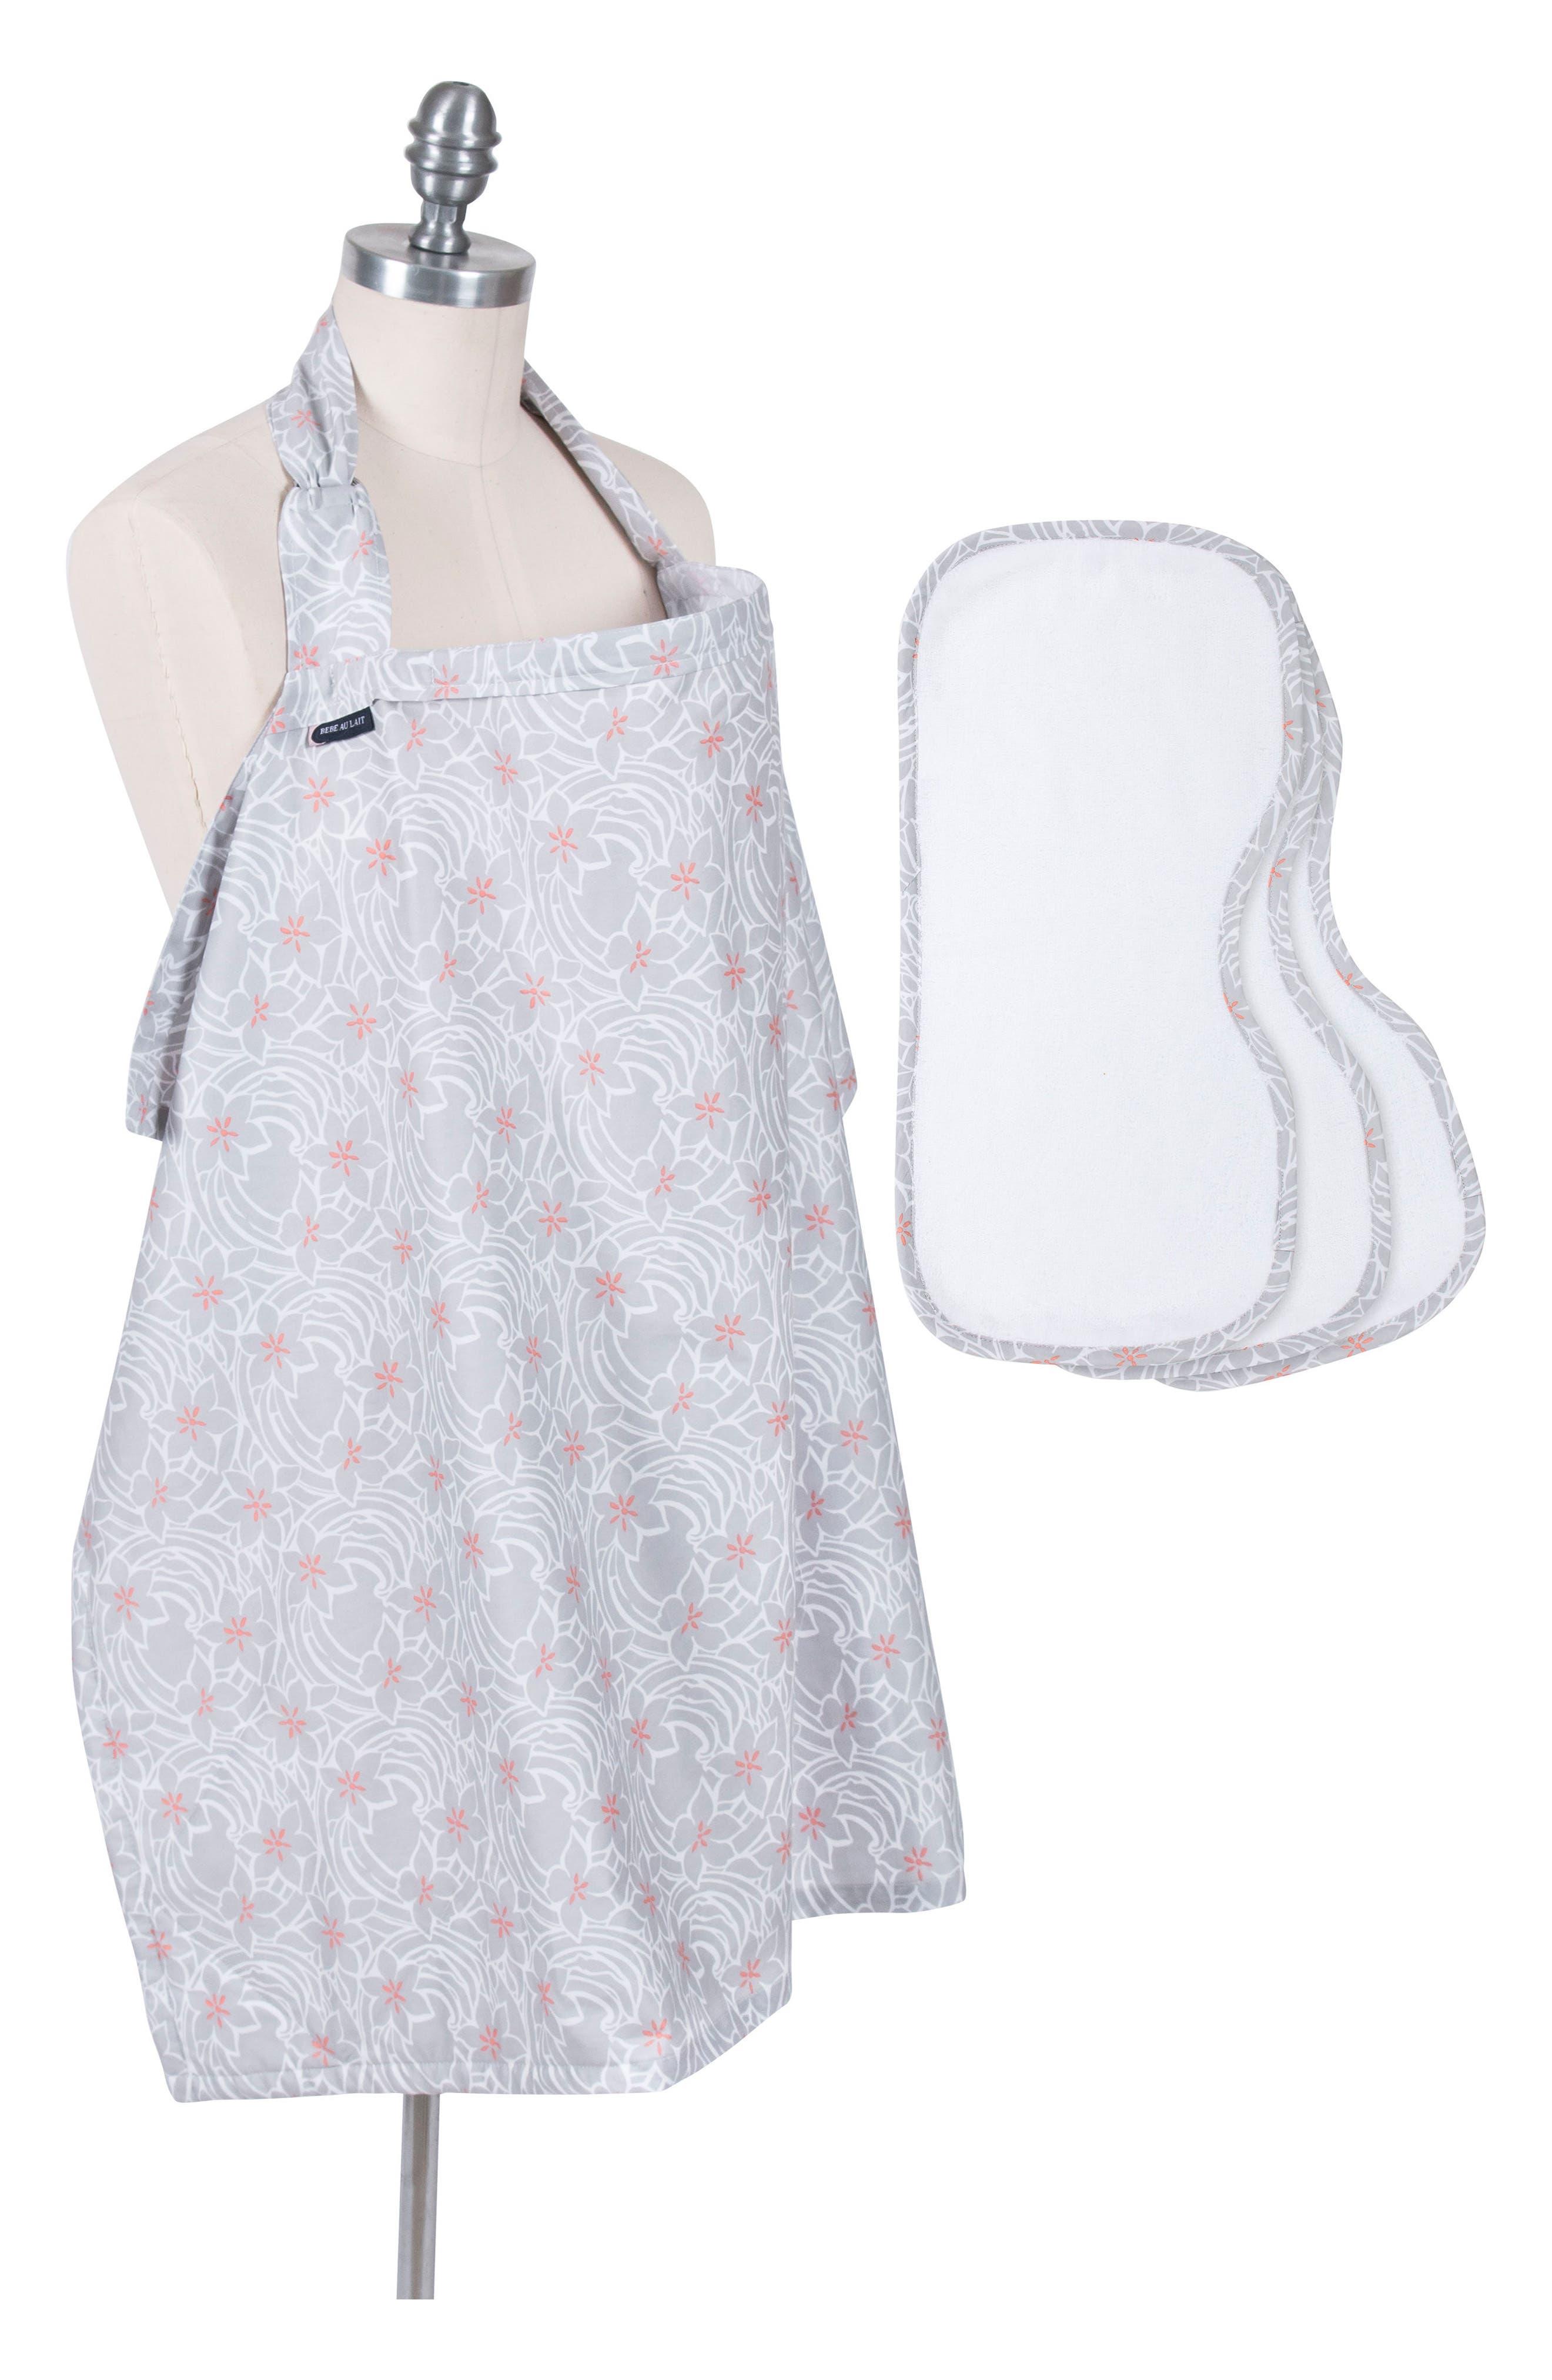 Bébé au Lait Nursing Cover & Burp Cloth Set